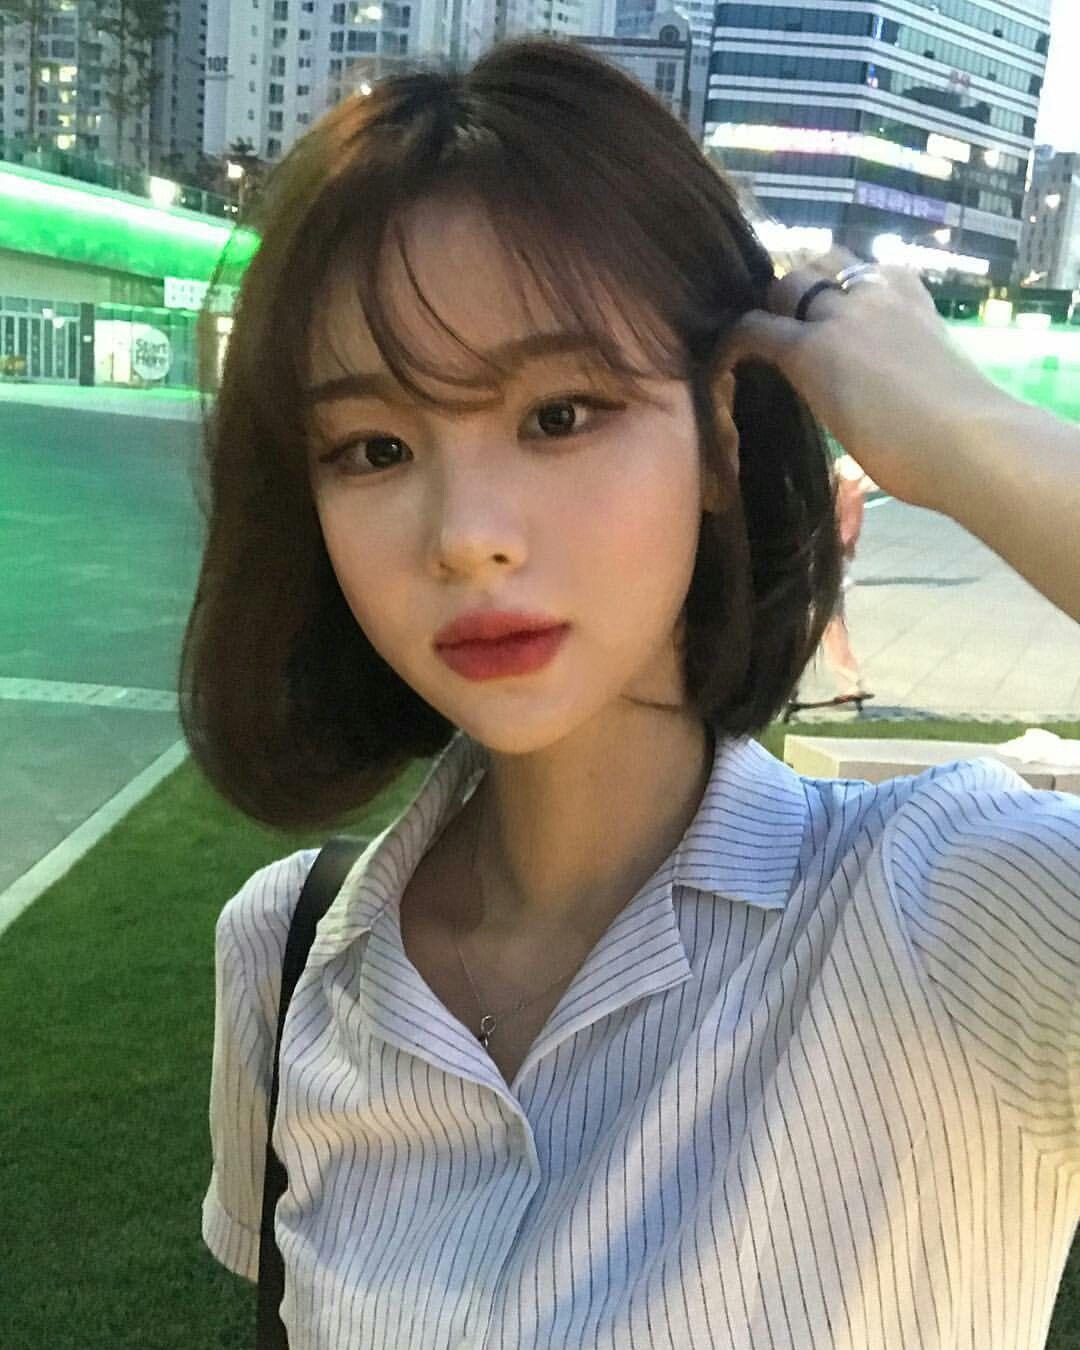 Pin By Jungkookiesisi On Makeup Korean Short Hair Short Hair With Bangs Korean Short Hair Bangs